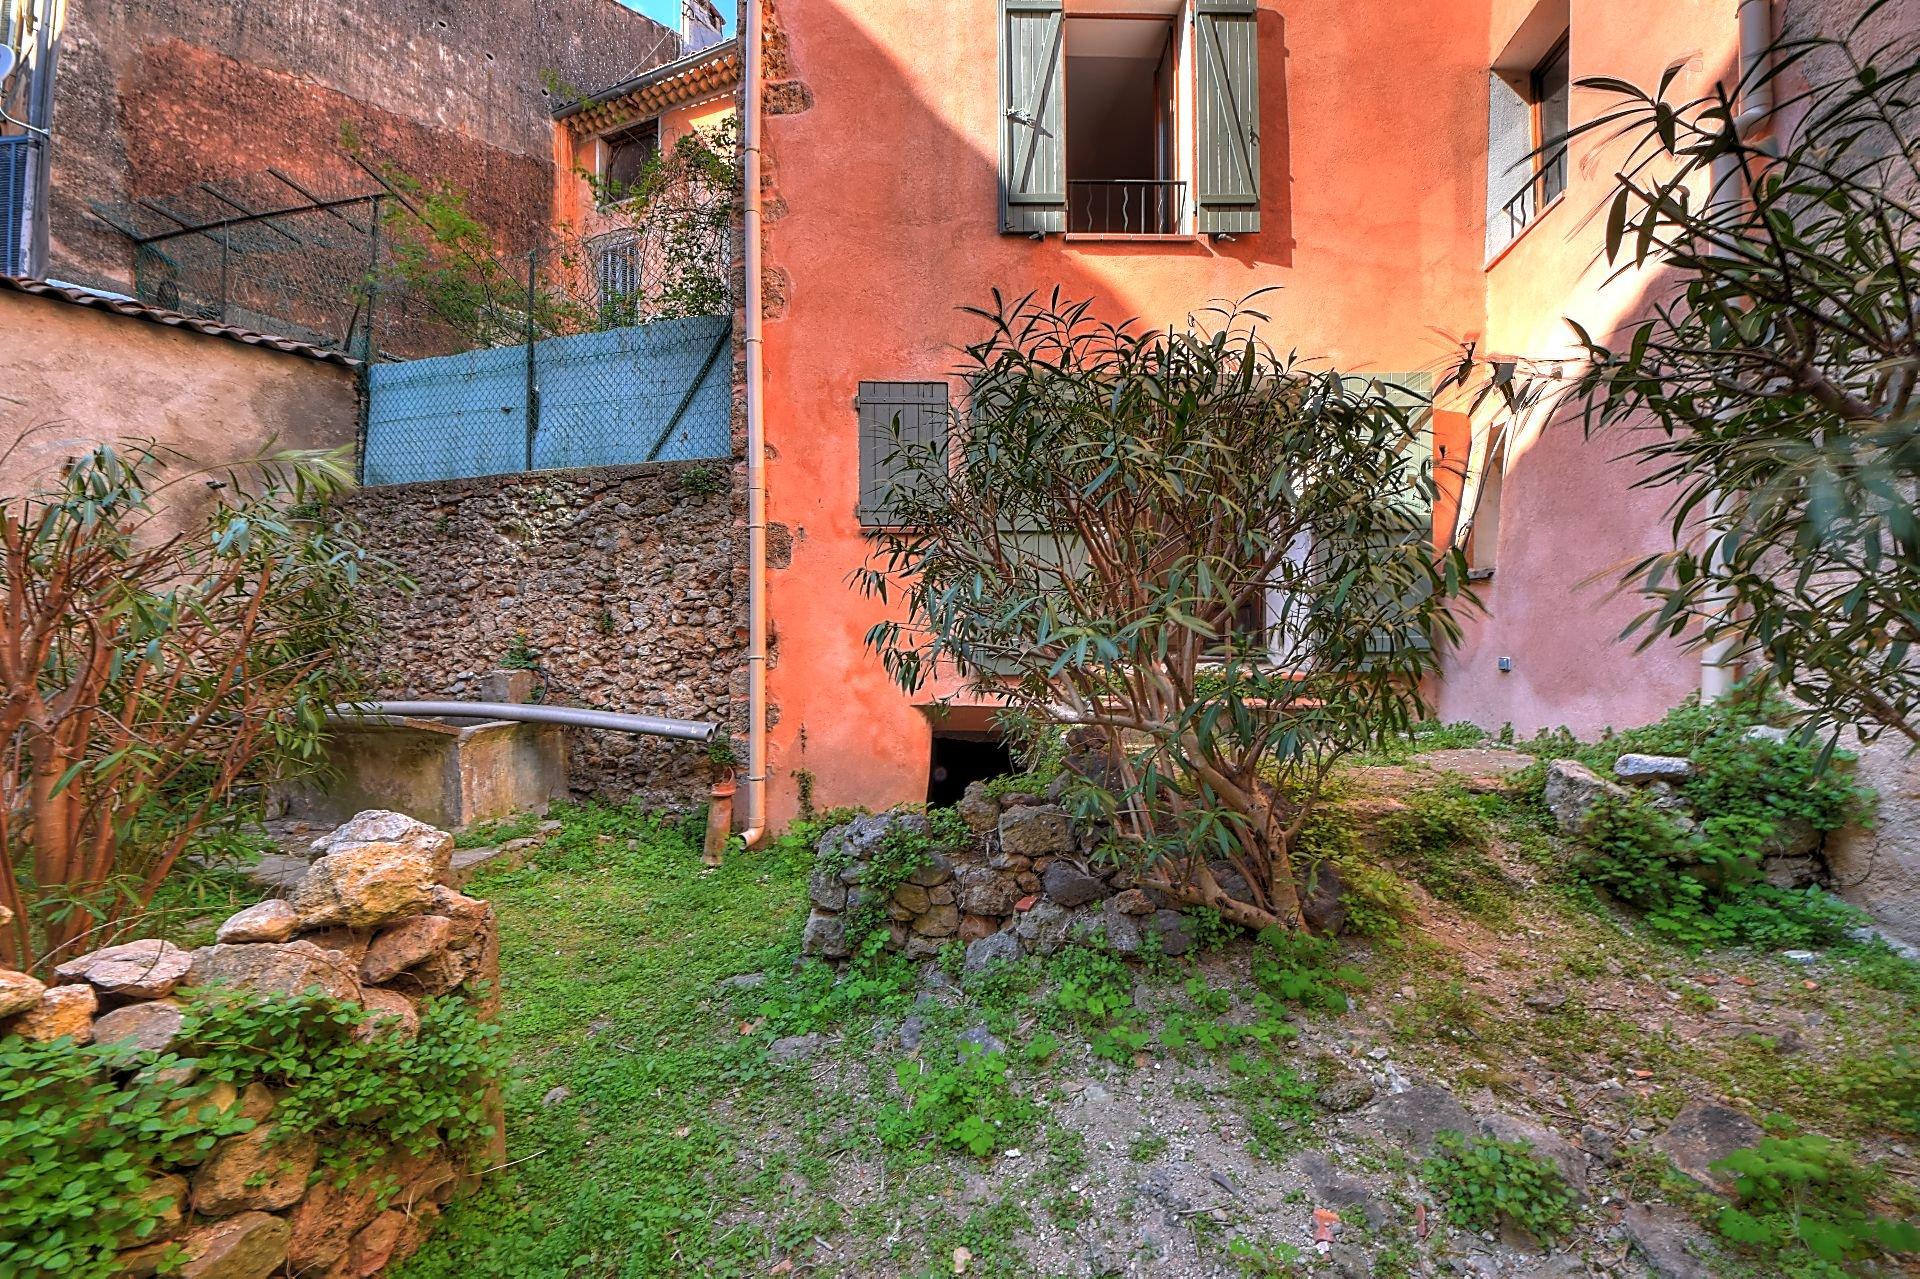 Vente maison de village avec jardin